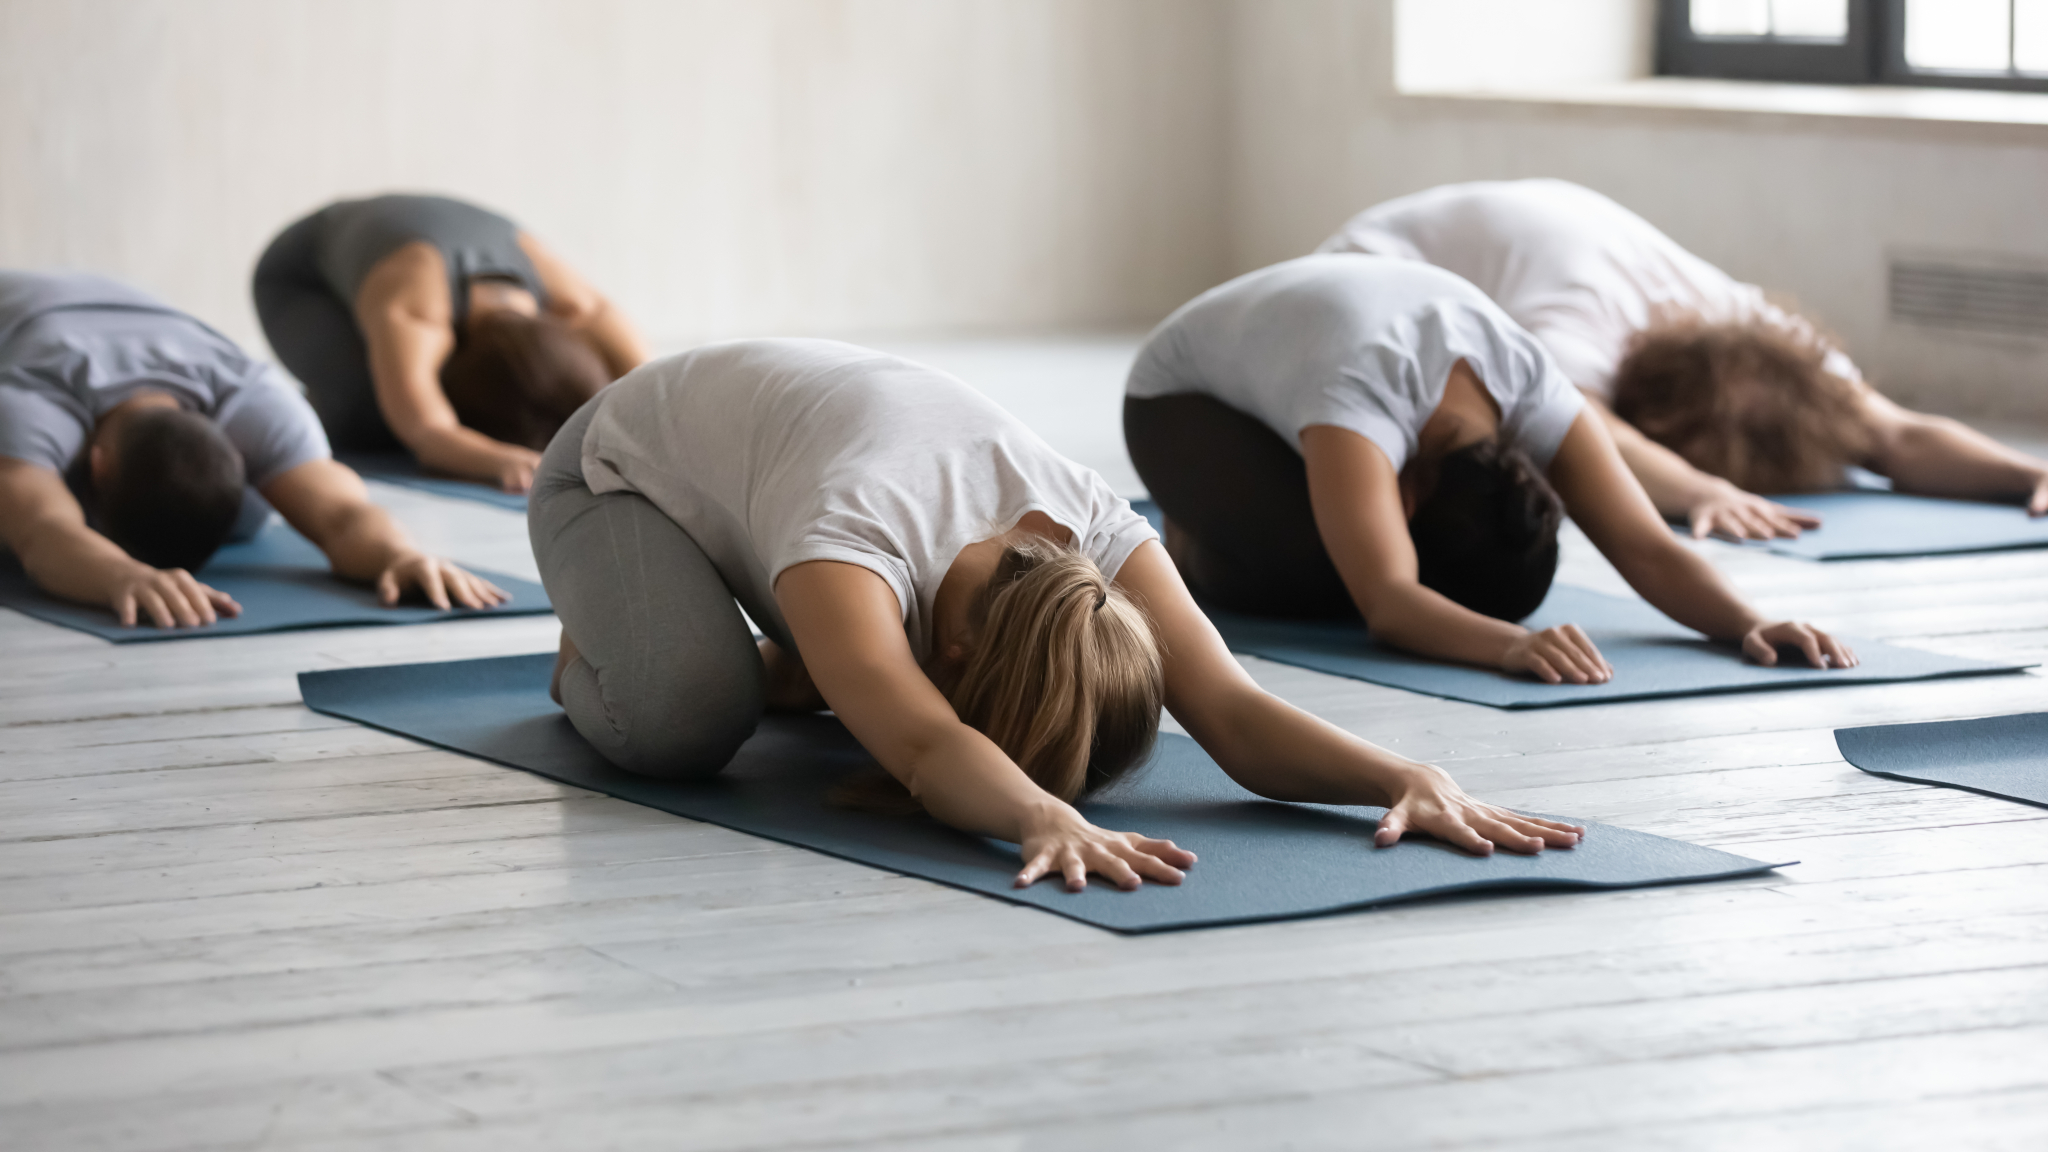 Übung beim Yoga mit Yogamatte